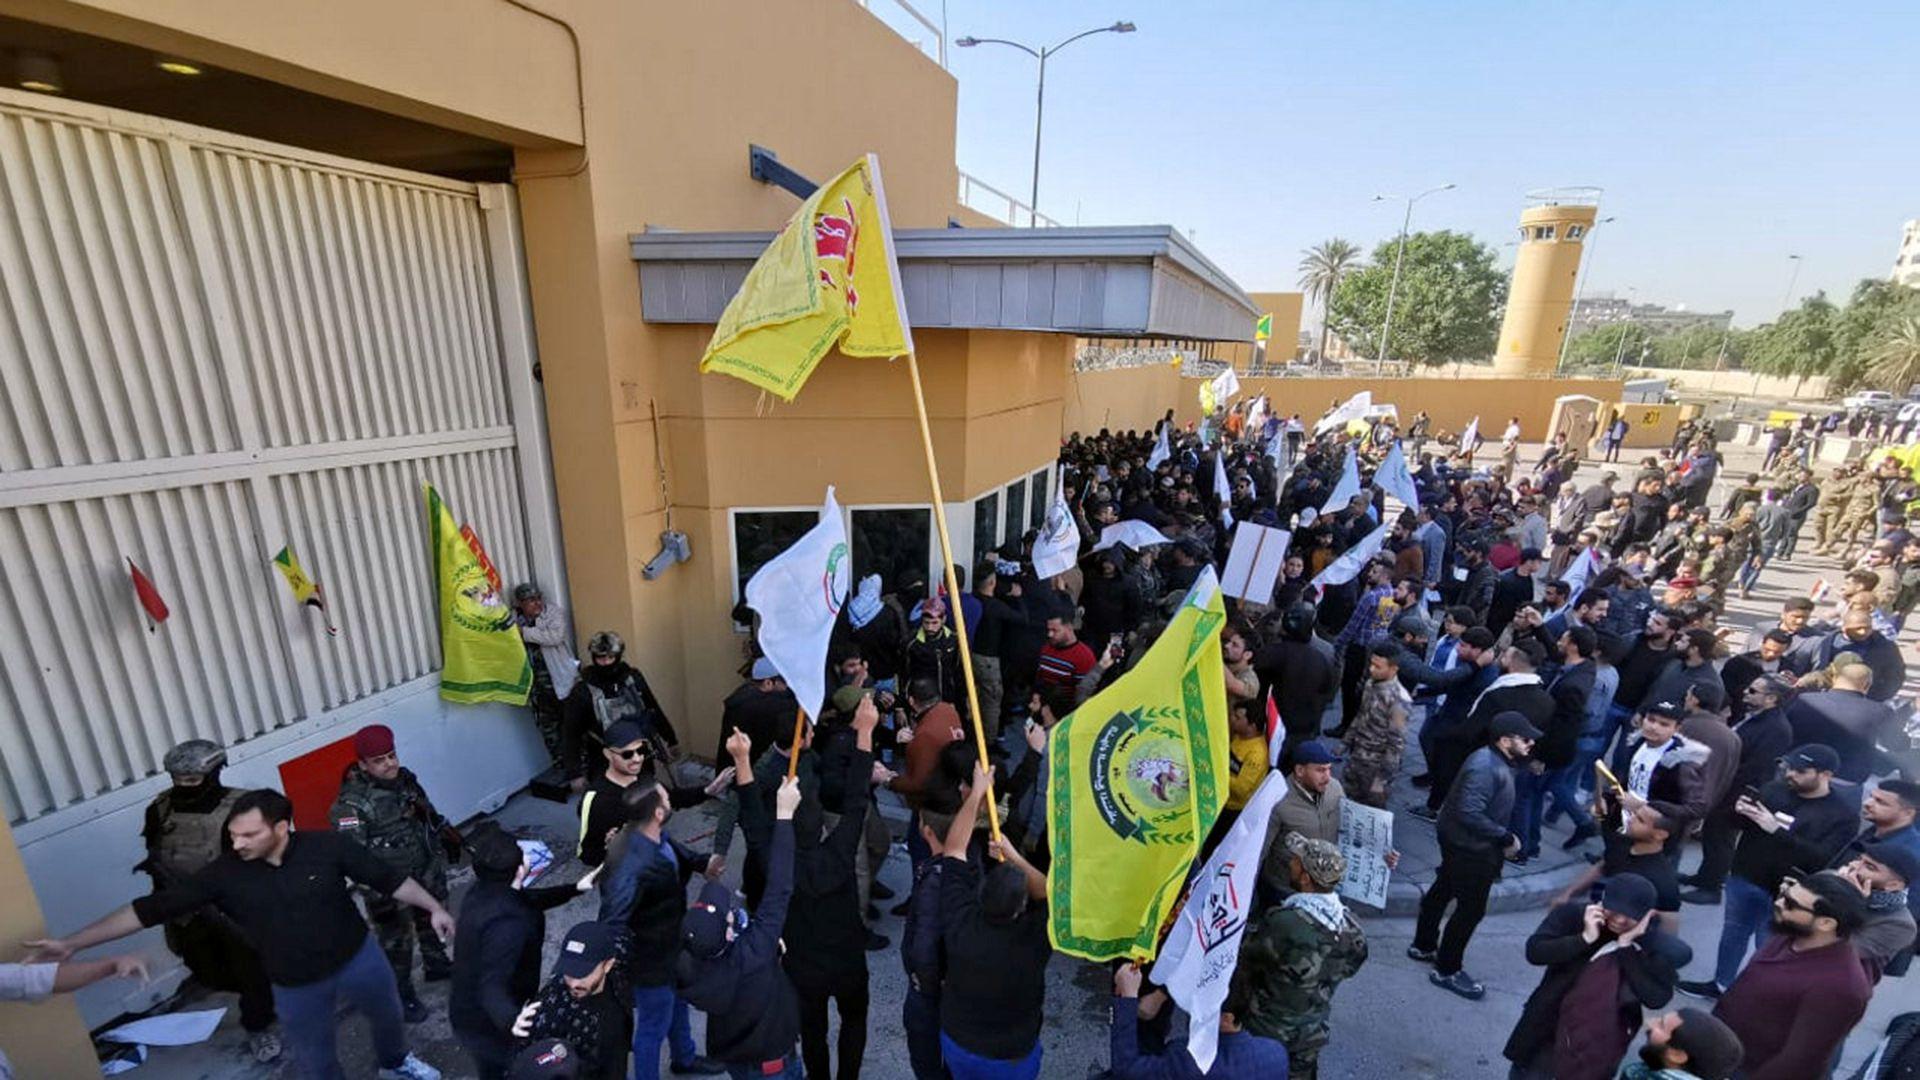 """Llegaron con pancartas que dicen """"El Parlamento debe expulsar a las tropas estadounidenses, si no, nosotros las echaremos"""" y """"Cierren la embajada estadounidense de Bagdad"""" (Reuters)"""